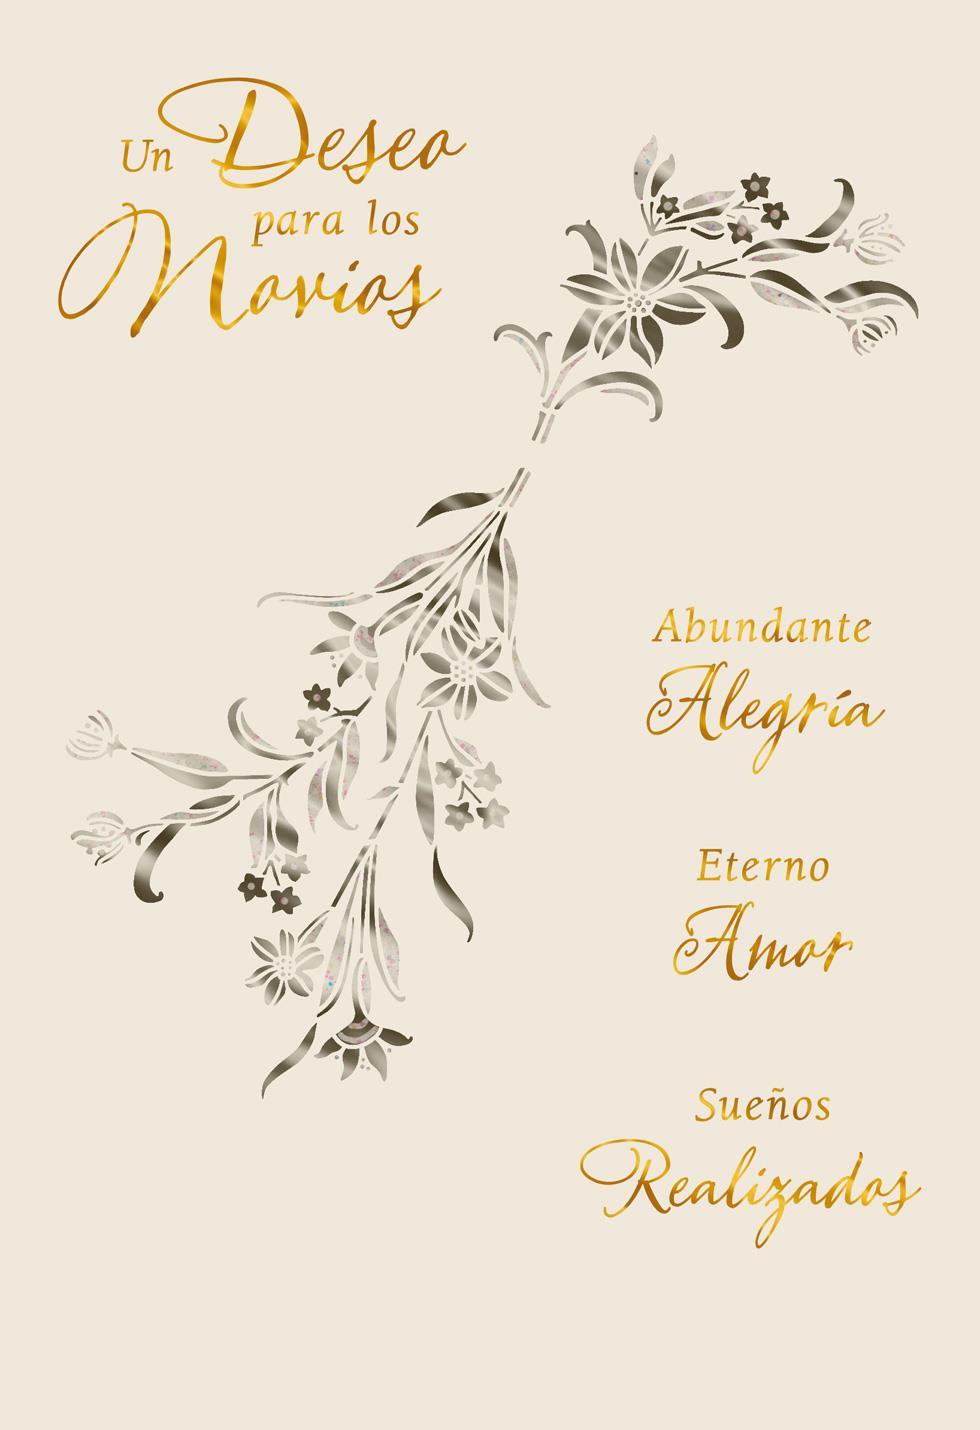 Wishes for the newlyweds spanish language wedding card greeting wishes for the newlyweds spanish language wedding card m4hsunfo